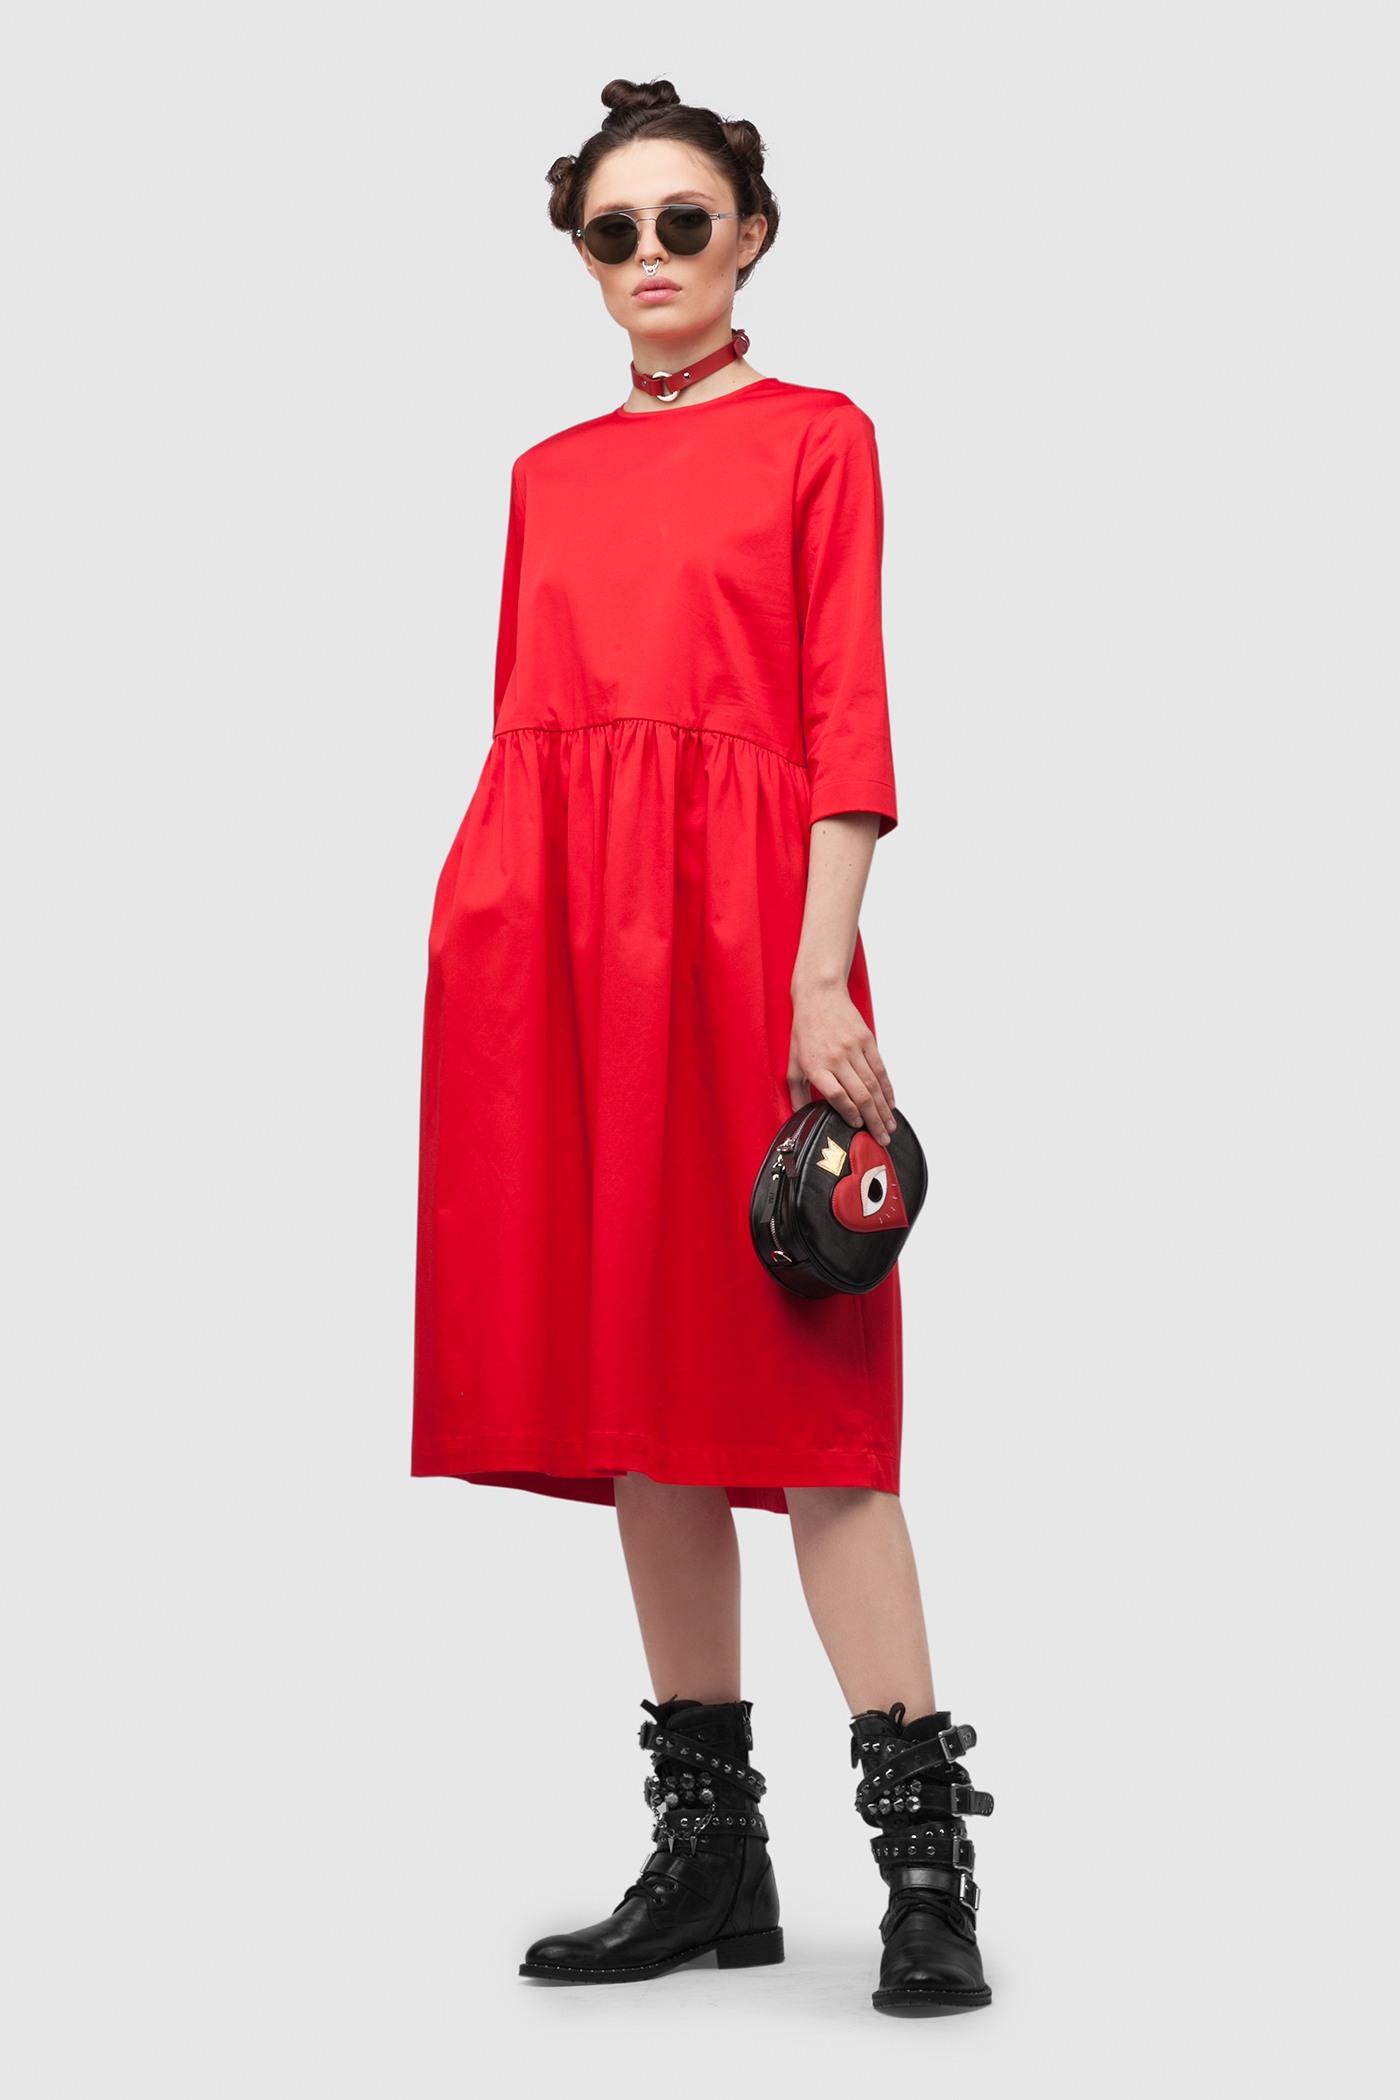 ПлатьеПлатье средней длины с чуть завышенной отрезной юбкой. Юбка со складками и карманами в боковых швах. Застежка на планку сзади.&#13;<br>&#13;<br>&#13;<br>рукава 3/4&#13;<br>&#13;<br>свободный силуэт&#13;<br>&#13;<br>плотный хлопок&#13;<br>&#13;<br>длина изделия по спинке 104 см в ростовке 164-170 см., длина может изменятся в зависимости от размера и ростовки&#13;<br>&#13;<br>размер и другие нюансы уточняются при заказе, мы с вами связываемся по указному вами номеру телефона<br><br>Цвет: Красный, Черный<br>Размер: XS, S, M, L<br>Ростовка: 158 -164, 164 -170, 170 -176